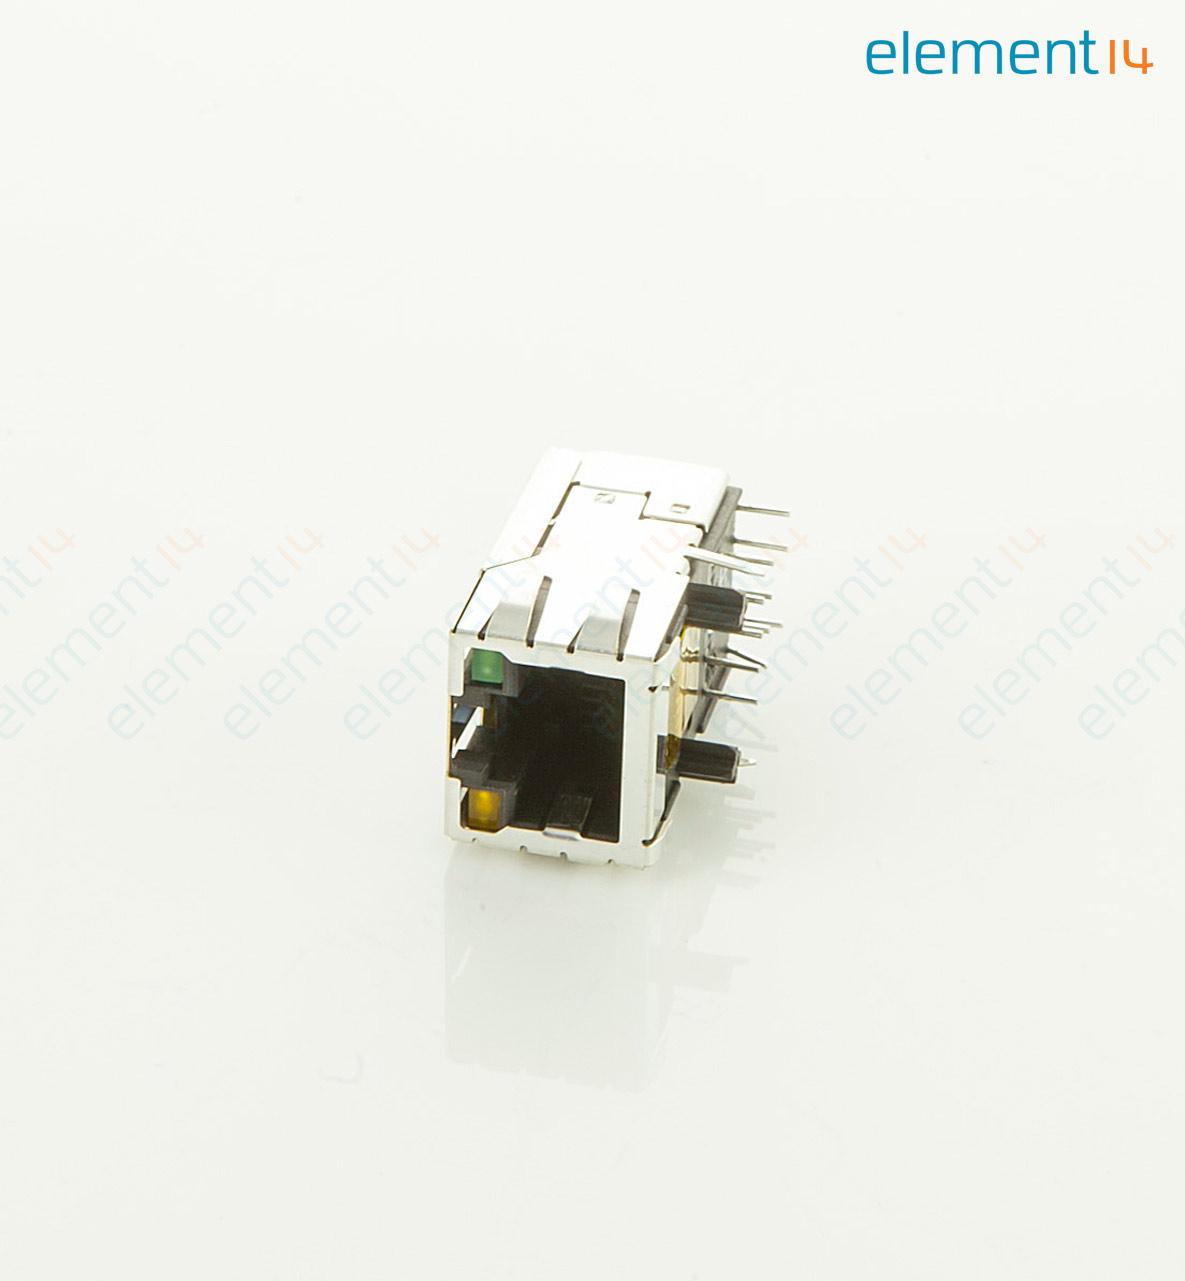 si 50158 f stewart connector modular connector rj45 jack. Black Bedroom Furniture Sets. Home Design Ideas